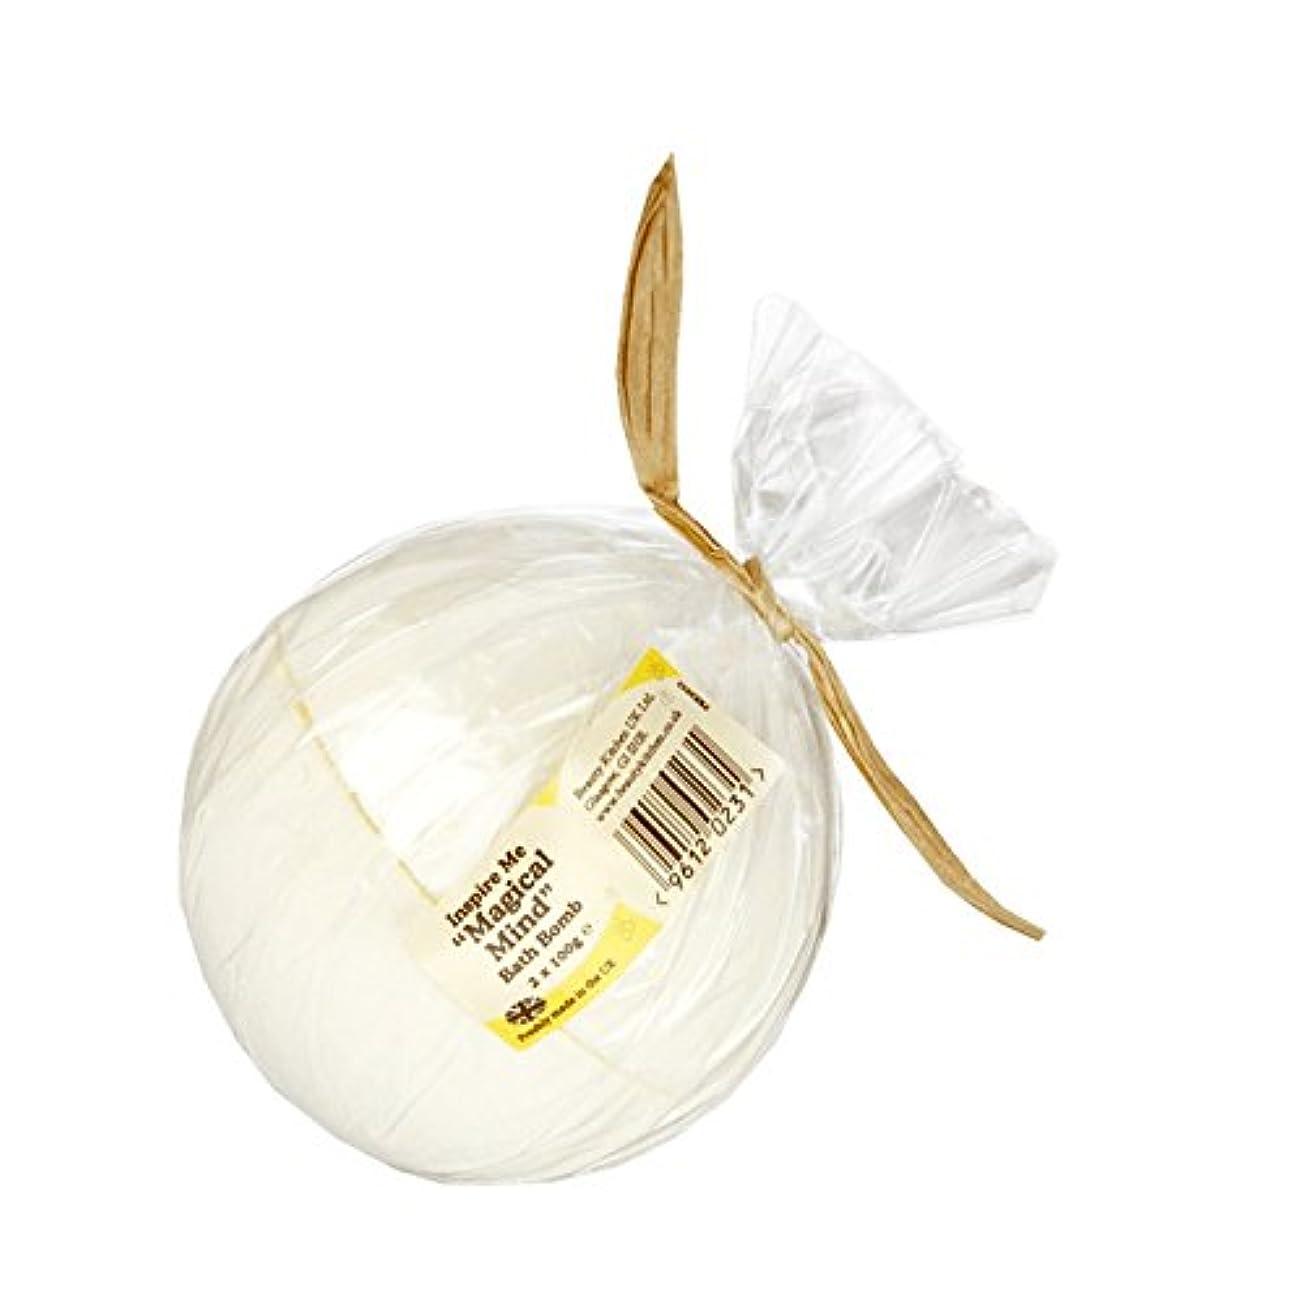 ガイダンスパーツ快適Beauty Kitchen Inspire Me Magical Mind Bath Bomb 2 x 100g (Pack of 6) - 美しさのキッチンは私に魔法心風呂爆弾2×100グラムを鼓舞します (x6)...